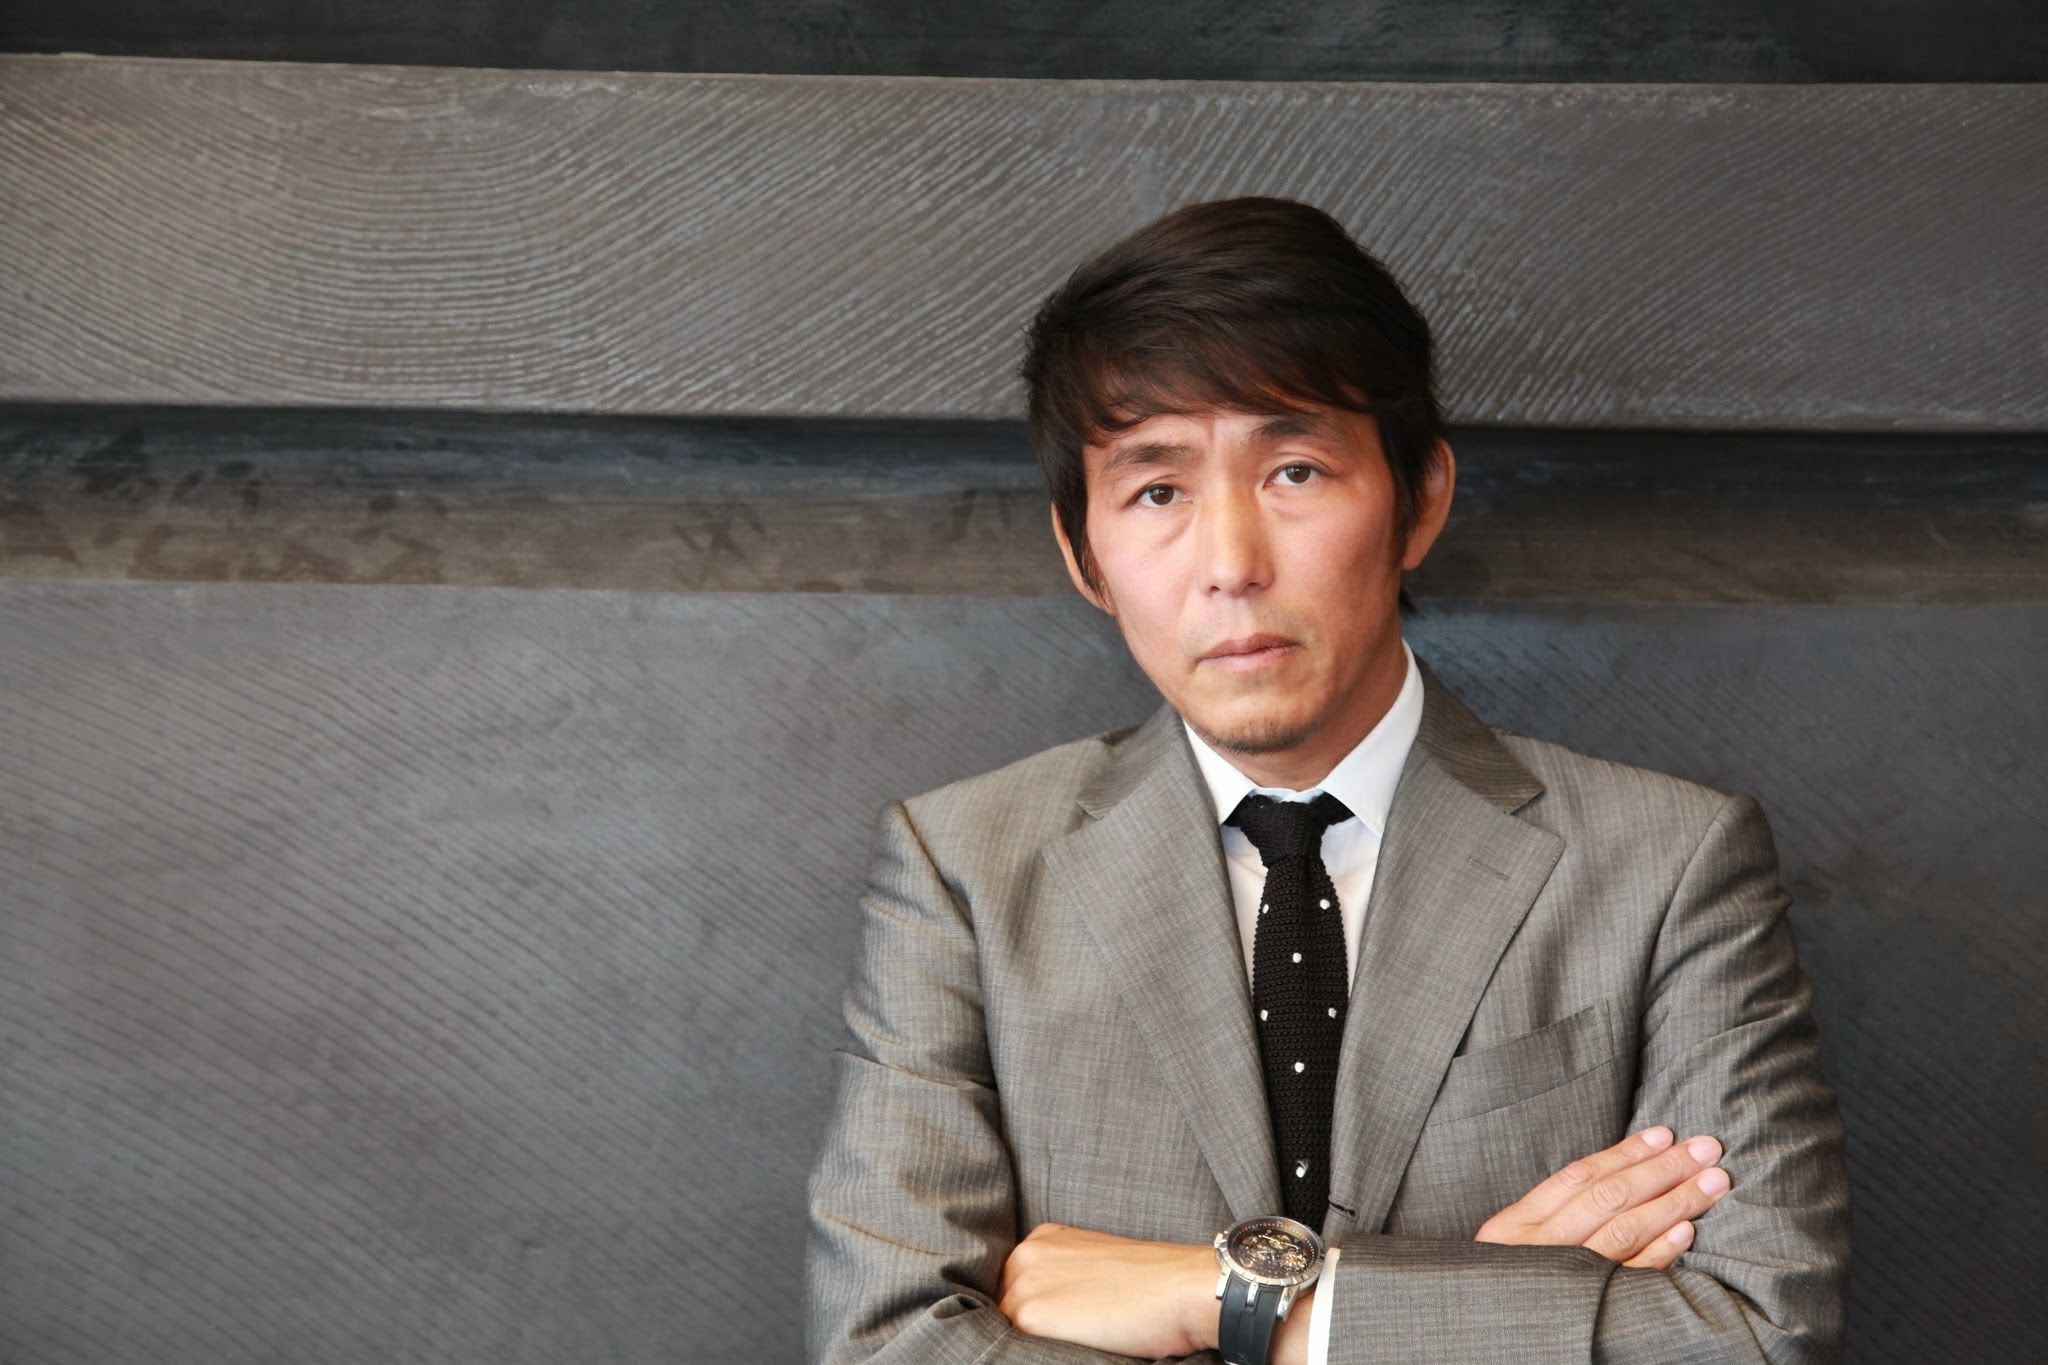 ベクトルの西江肇司社長が見つめる「モノを広める業界」の世界一の座とは